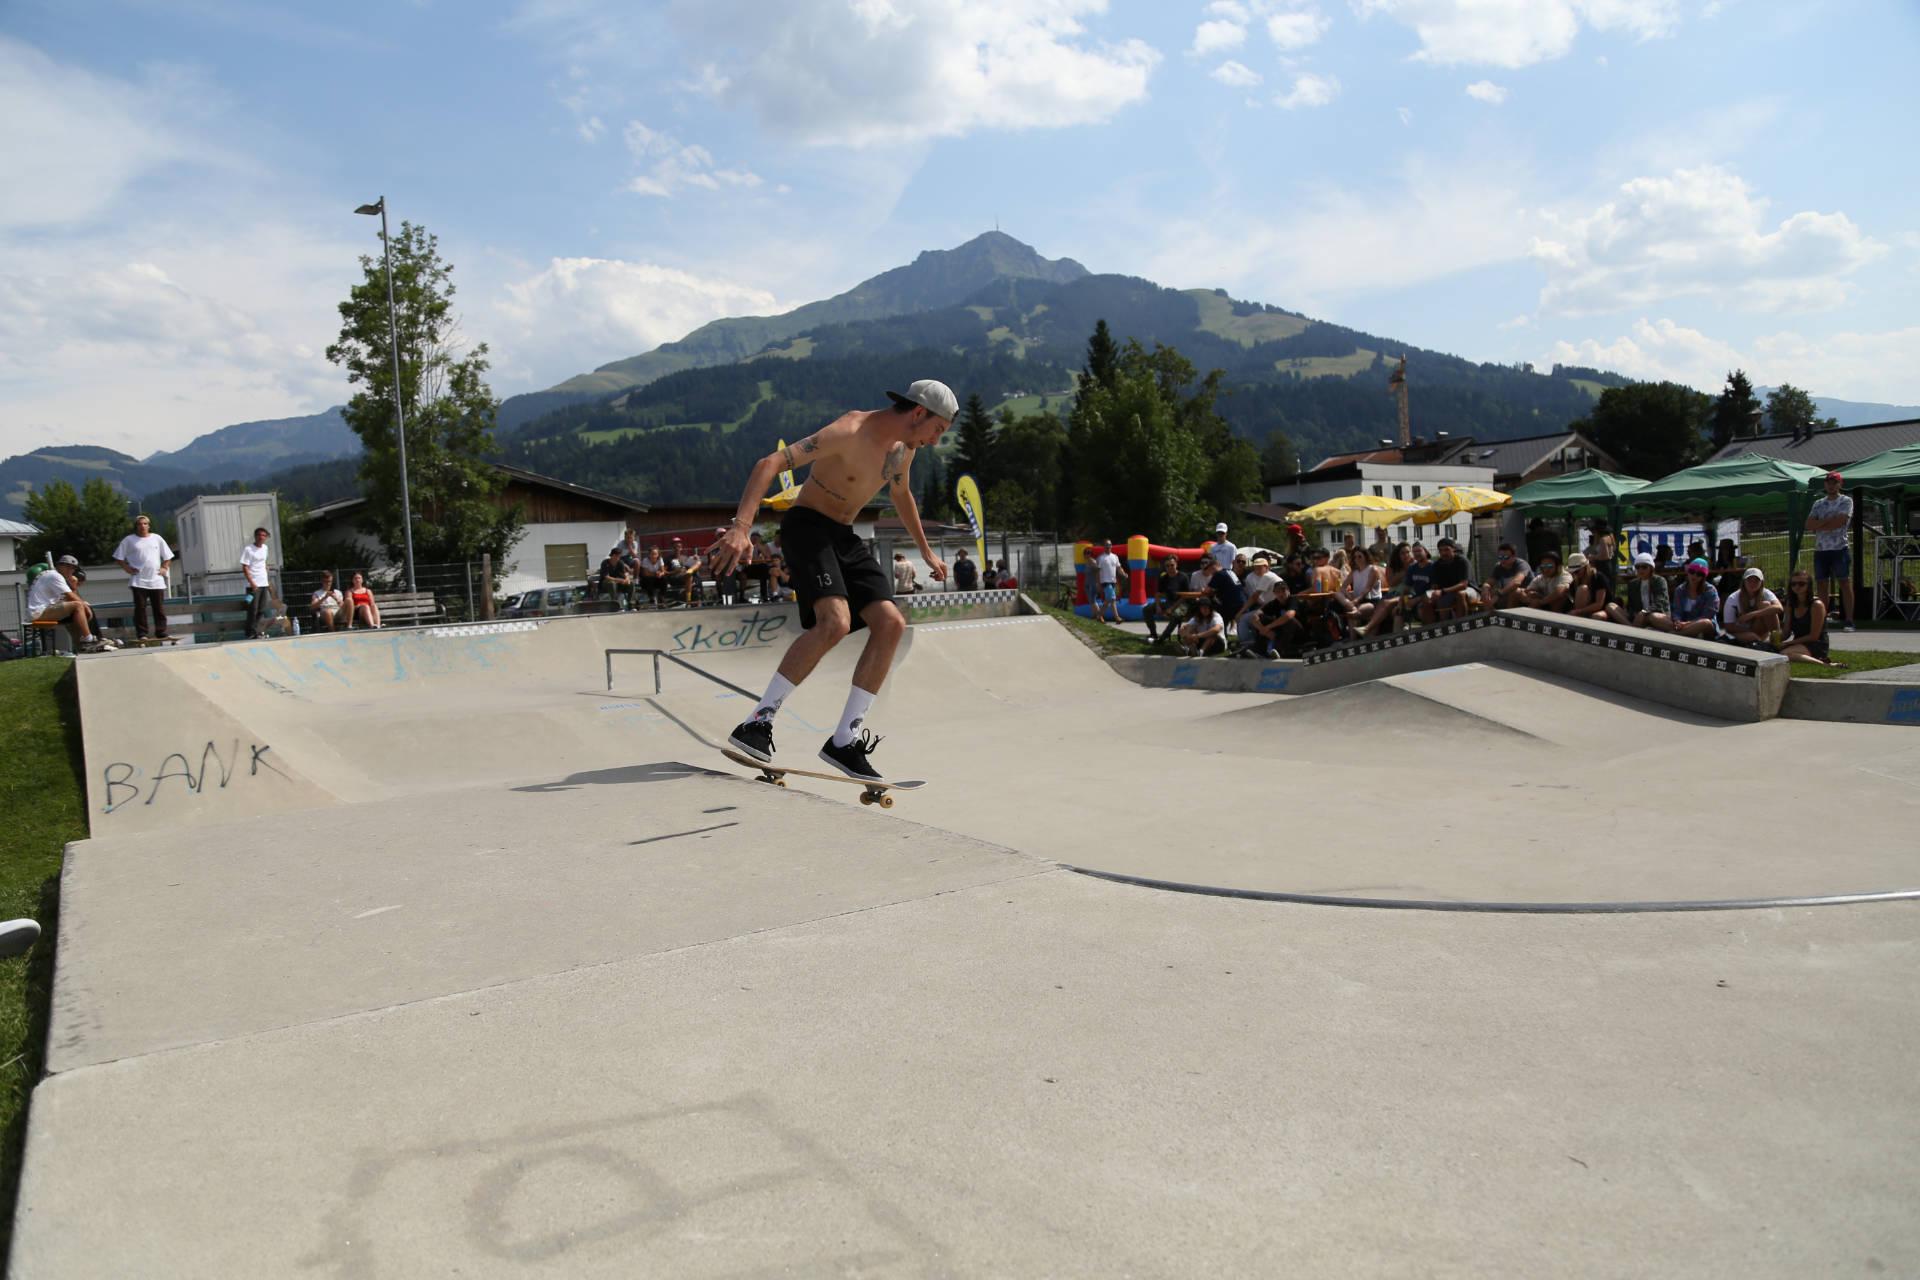 skateboardheadz st johann in tirol kgt 2019 finale 00134